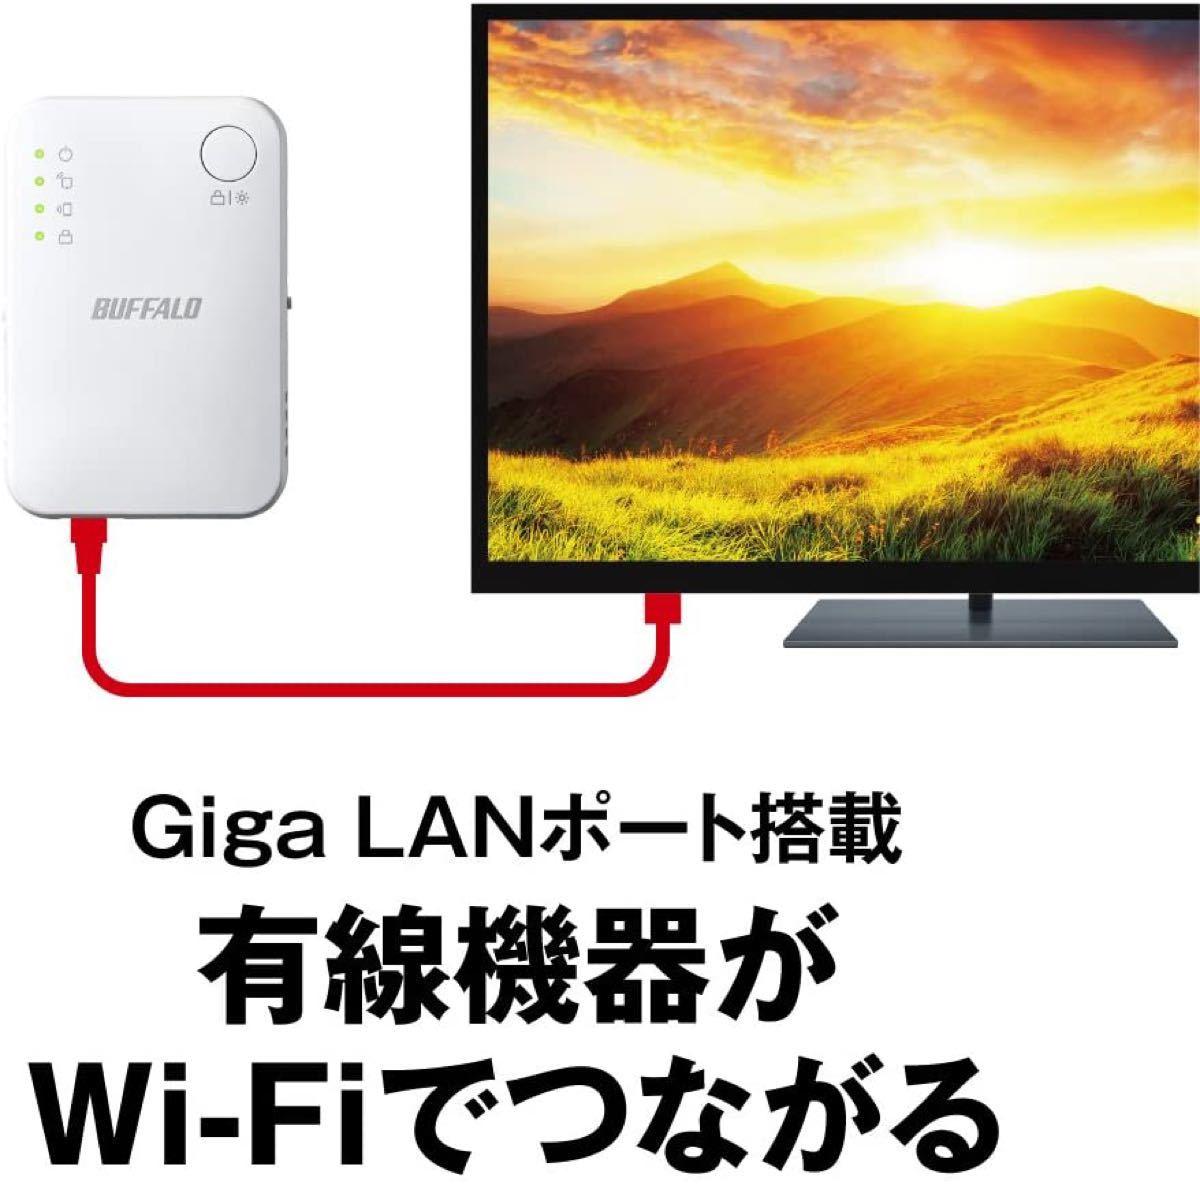 バッファロー Wi-Fi中継器 WEX-1166DHPS ハイパワー コンセントモデル 無線LAN中継機